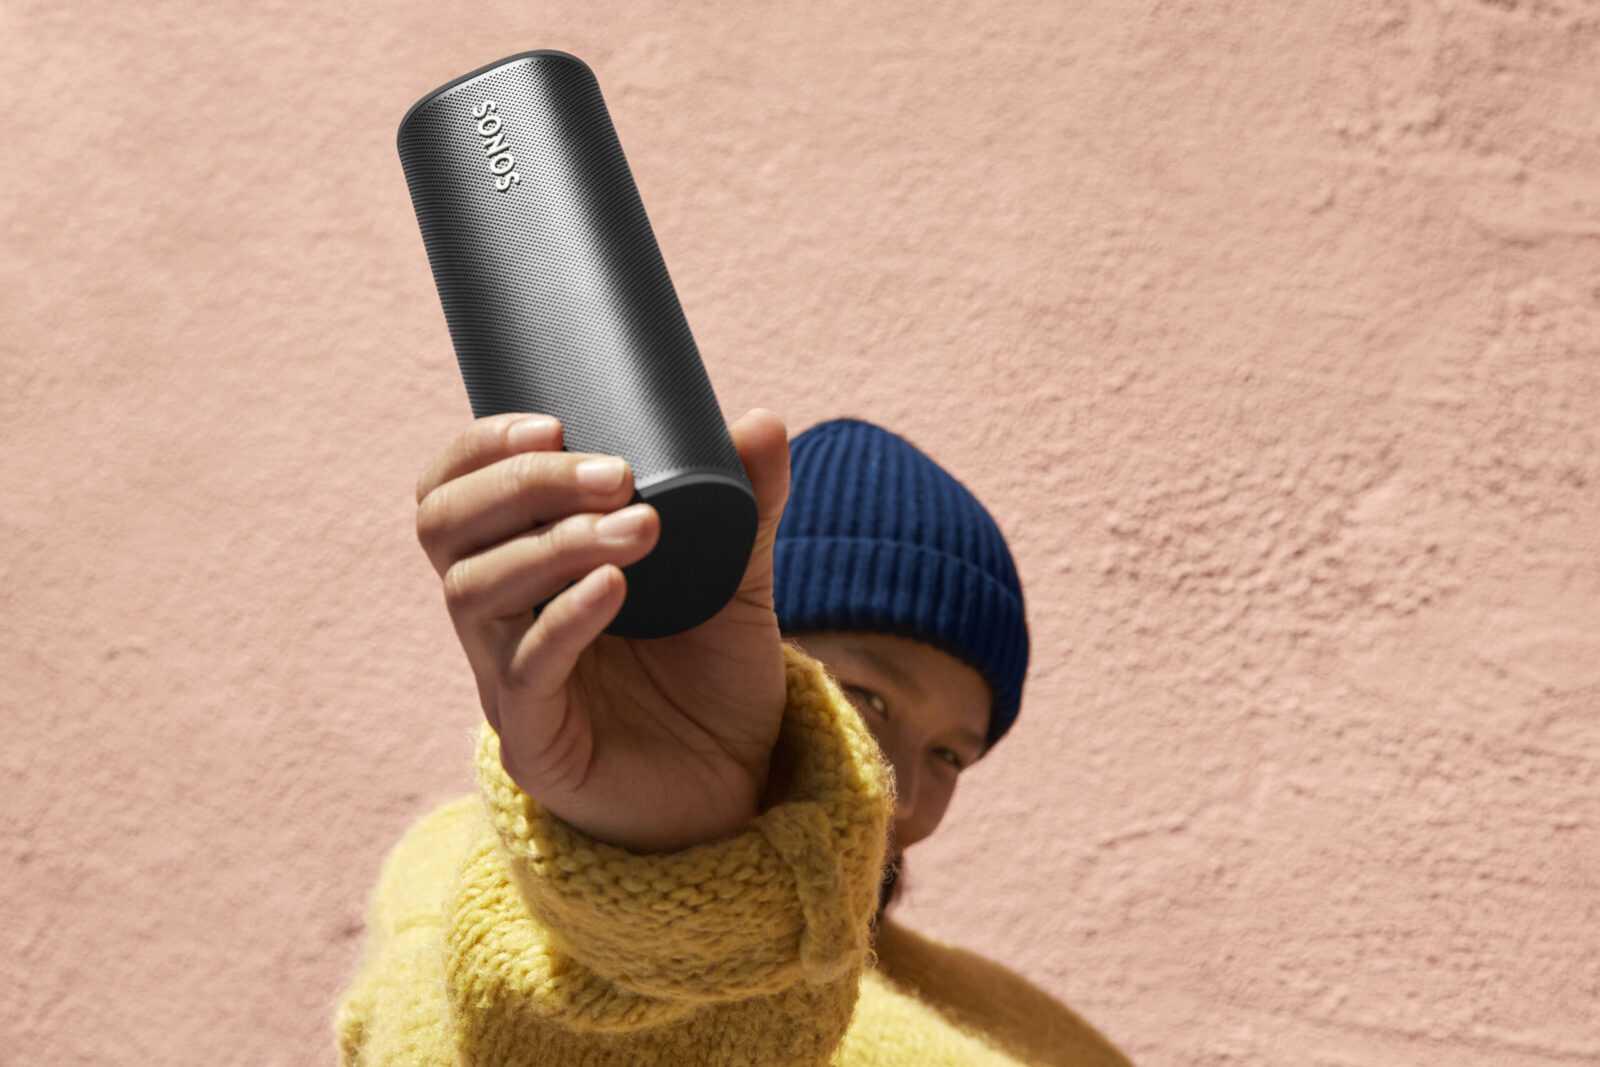 Sonos выпустила Roam — ультрапортативную умную колонку (in hand 2 black scaled)